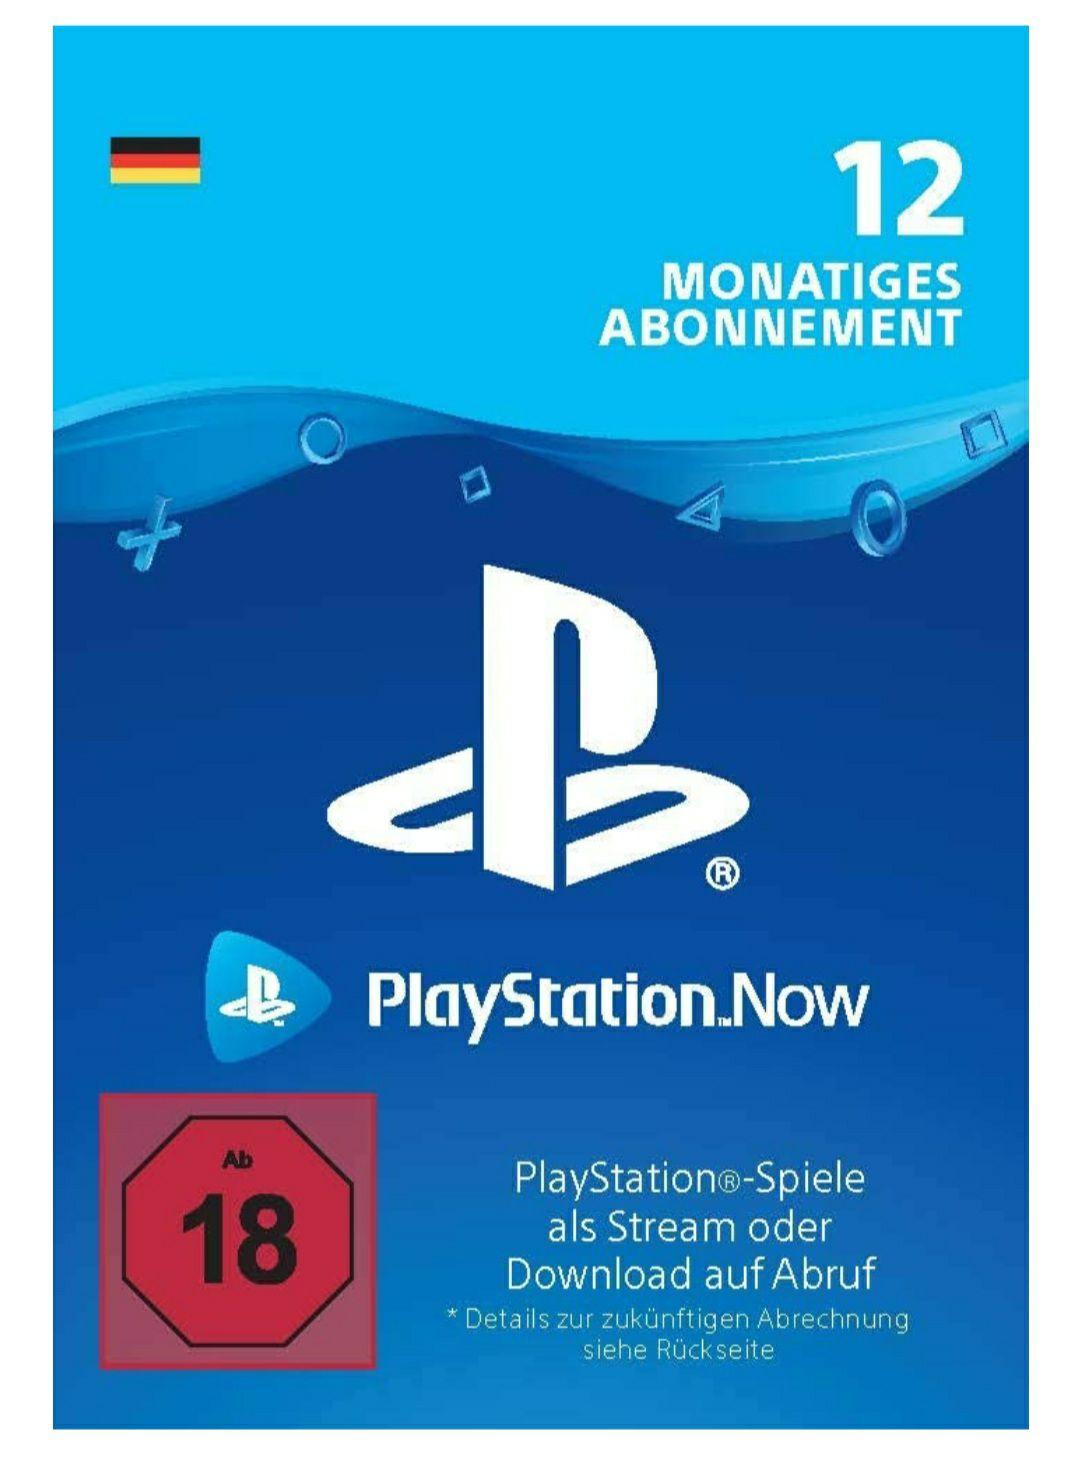 Playstation Now für Amazon Prime Mitglieder